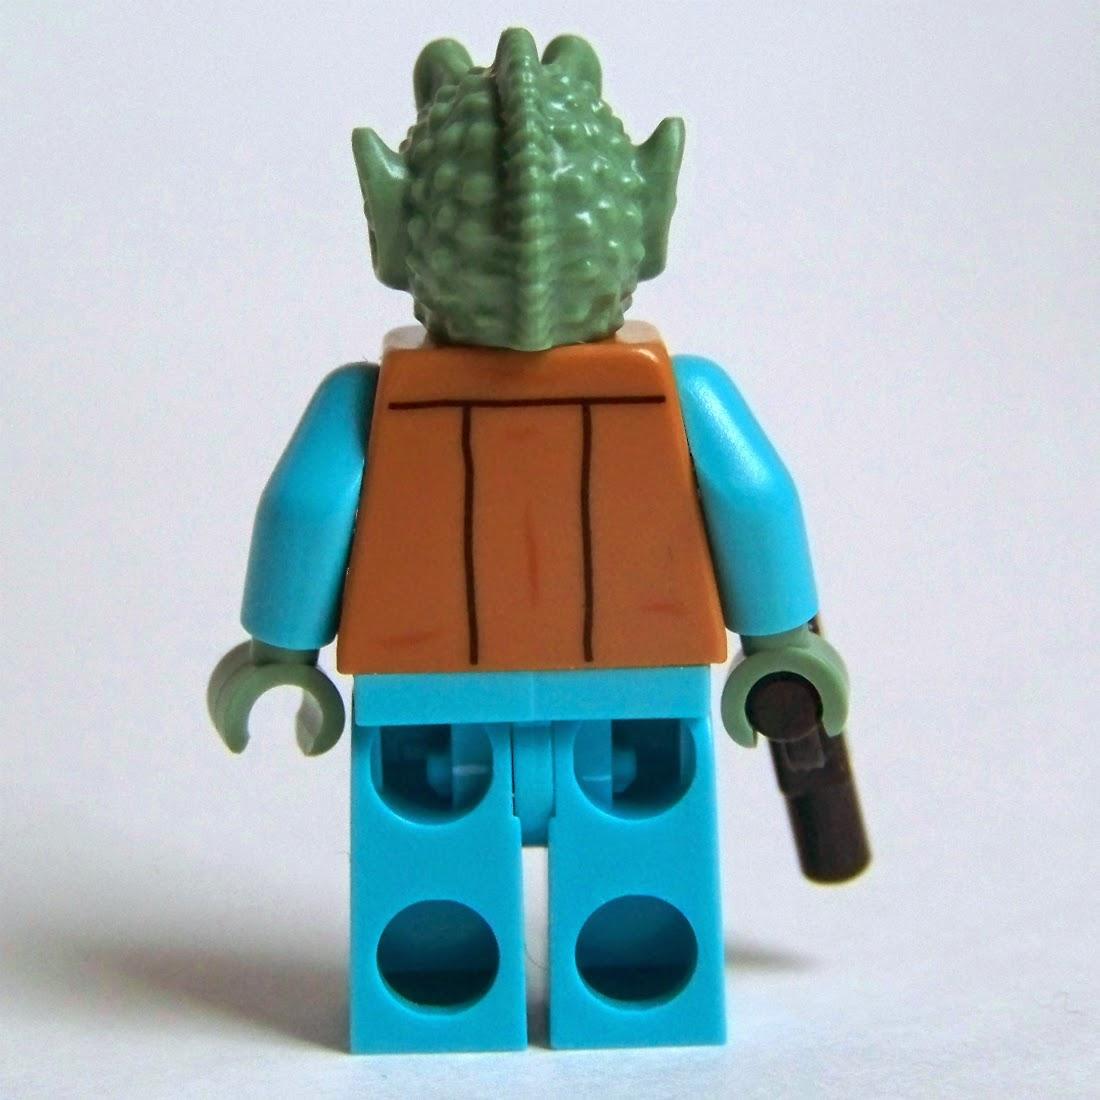 LEGO Greedo Minifig